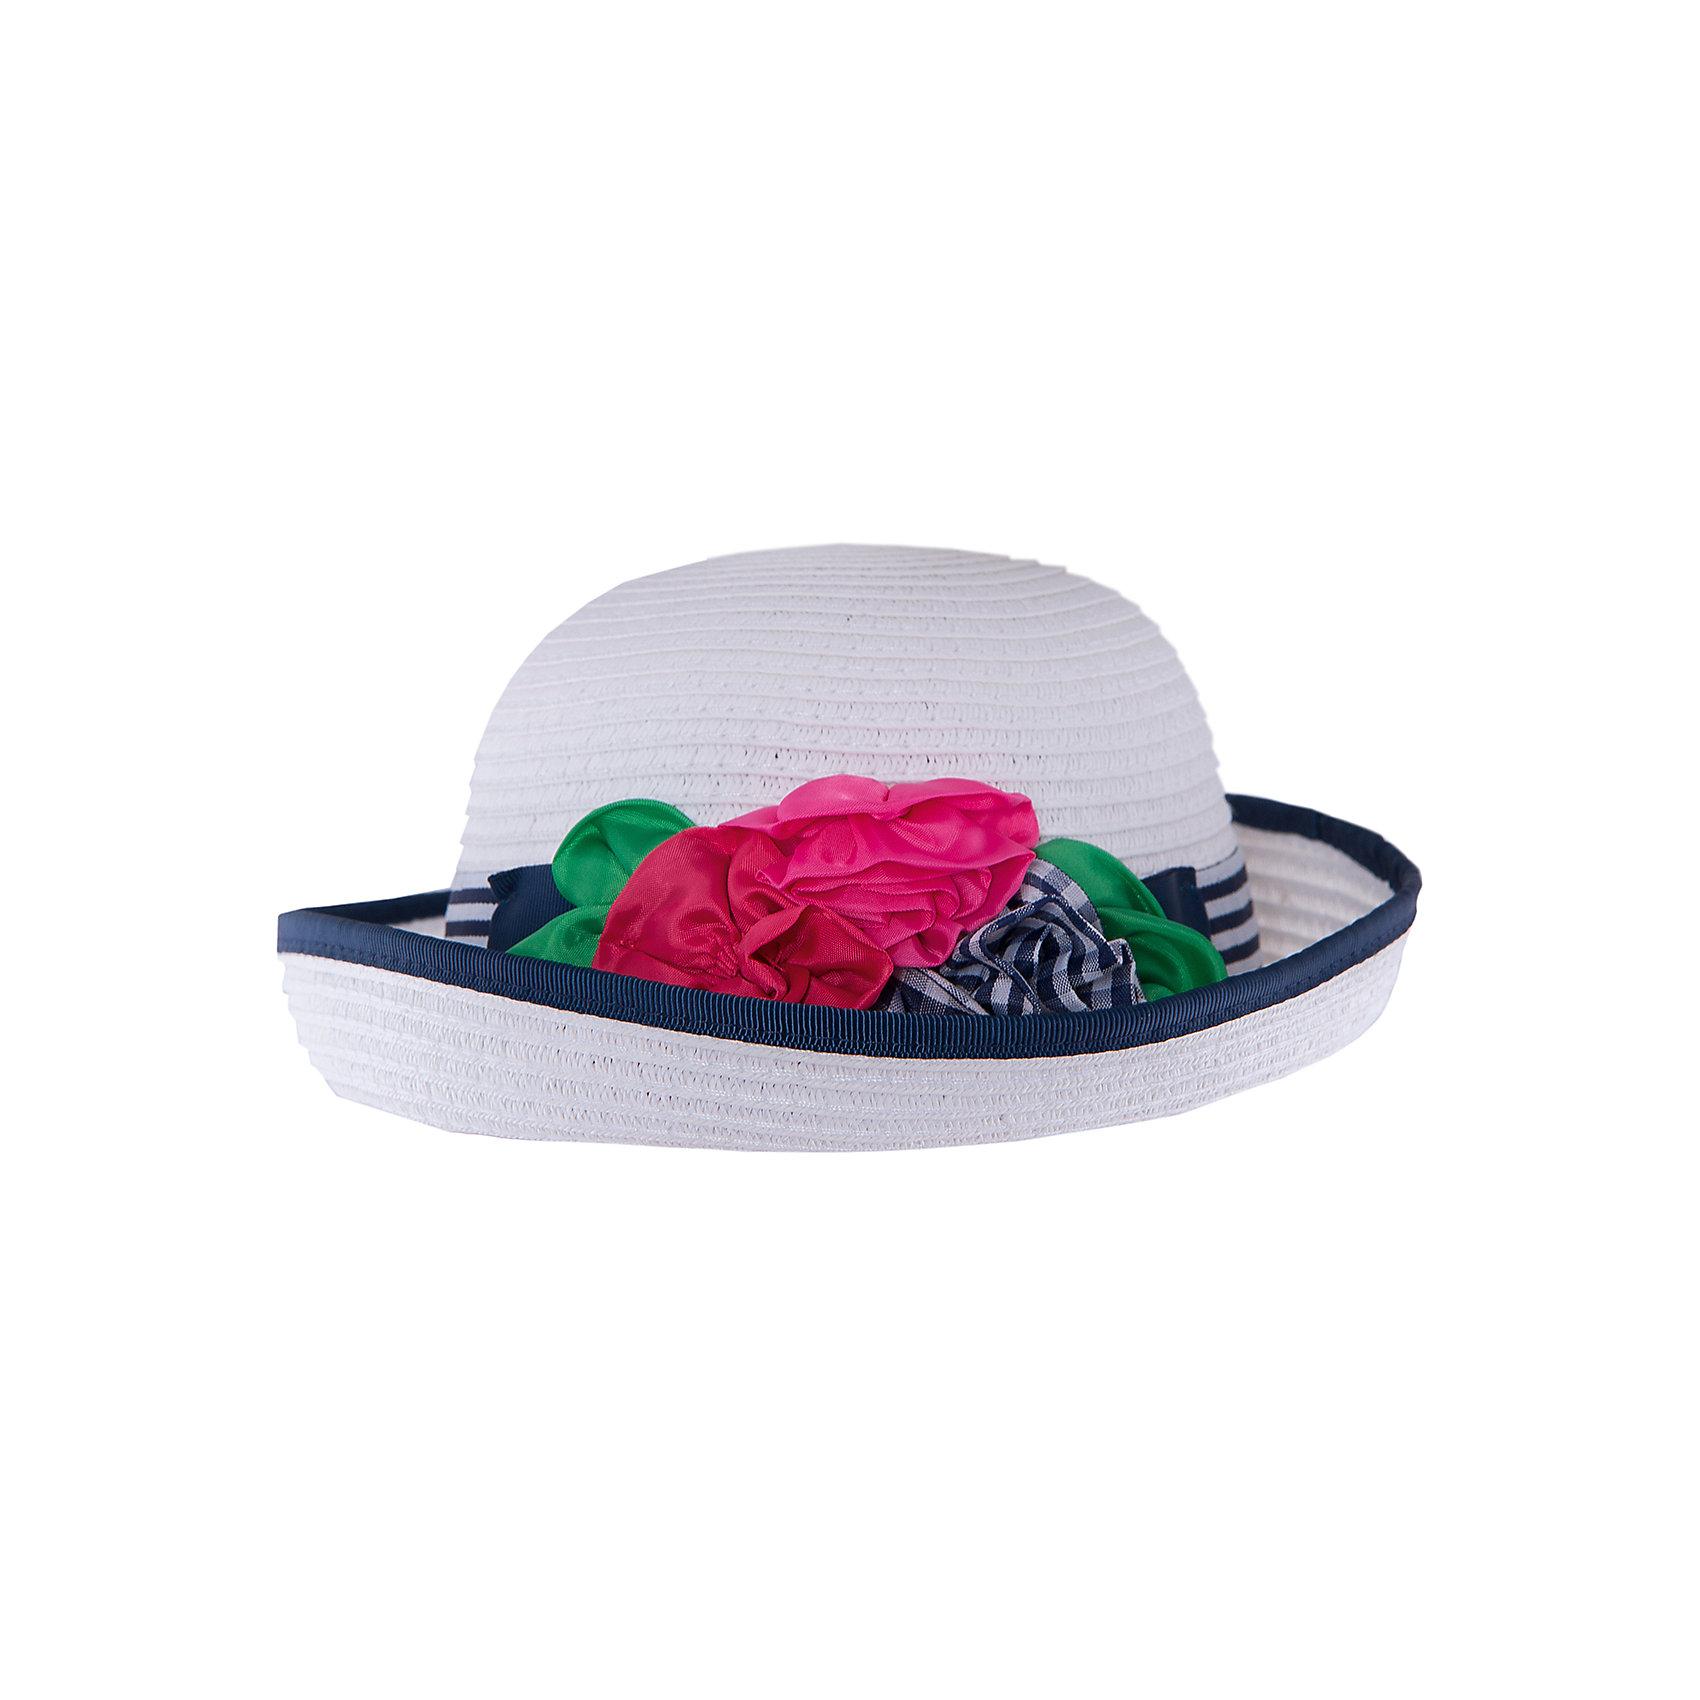 Шляпа для девочки MayoralШляпа для девочки от известной марки Mayoral<br><br>Удобная шляпа дополнит образ девочки и убережет голову от перегрева в новом весенне-летнем сезоне. Эта модель разработала специально для девочек. Сделана она из легкого, но прочного материала, украшена текстильными цветами.<br><br>Особенности модели:<br><br>- цвет: белый, синий;<br>- цветная окантовка;<br>- легкий материал;<br>- украшена окантовкой и лентой;<br>- декорирована цветами;<br>- глубокая посадка.<br><br>Дополнительная информация:<br><br>Состав: 100% бумага<br> <br>Шляпу для девочки от Mayoral (Майорал) можно купить в нашем магазине.<br><br>Ширина мм: 89<br>Глубина мм: 117<br>Высота мм: 44<br>Вес г: 155<br>Цвет: синий<br>Возраст от месяцев: 6<br>Возраст до месяцев: 9<br>Пол: Женский<br>Возраст: Детский<br>Размер: 46,50,48<br>SKU: 4539086